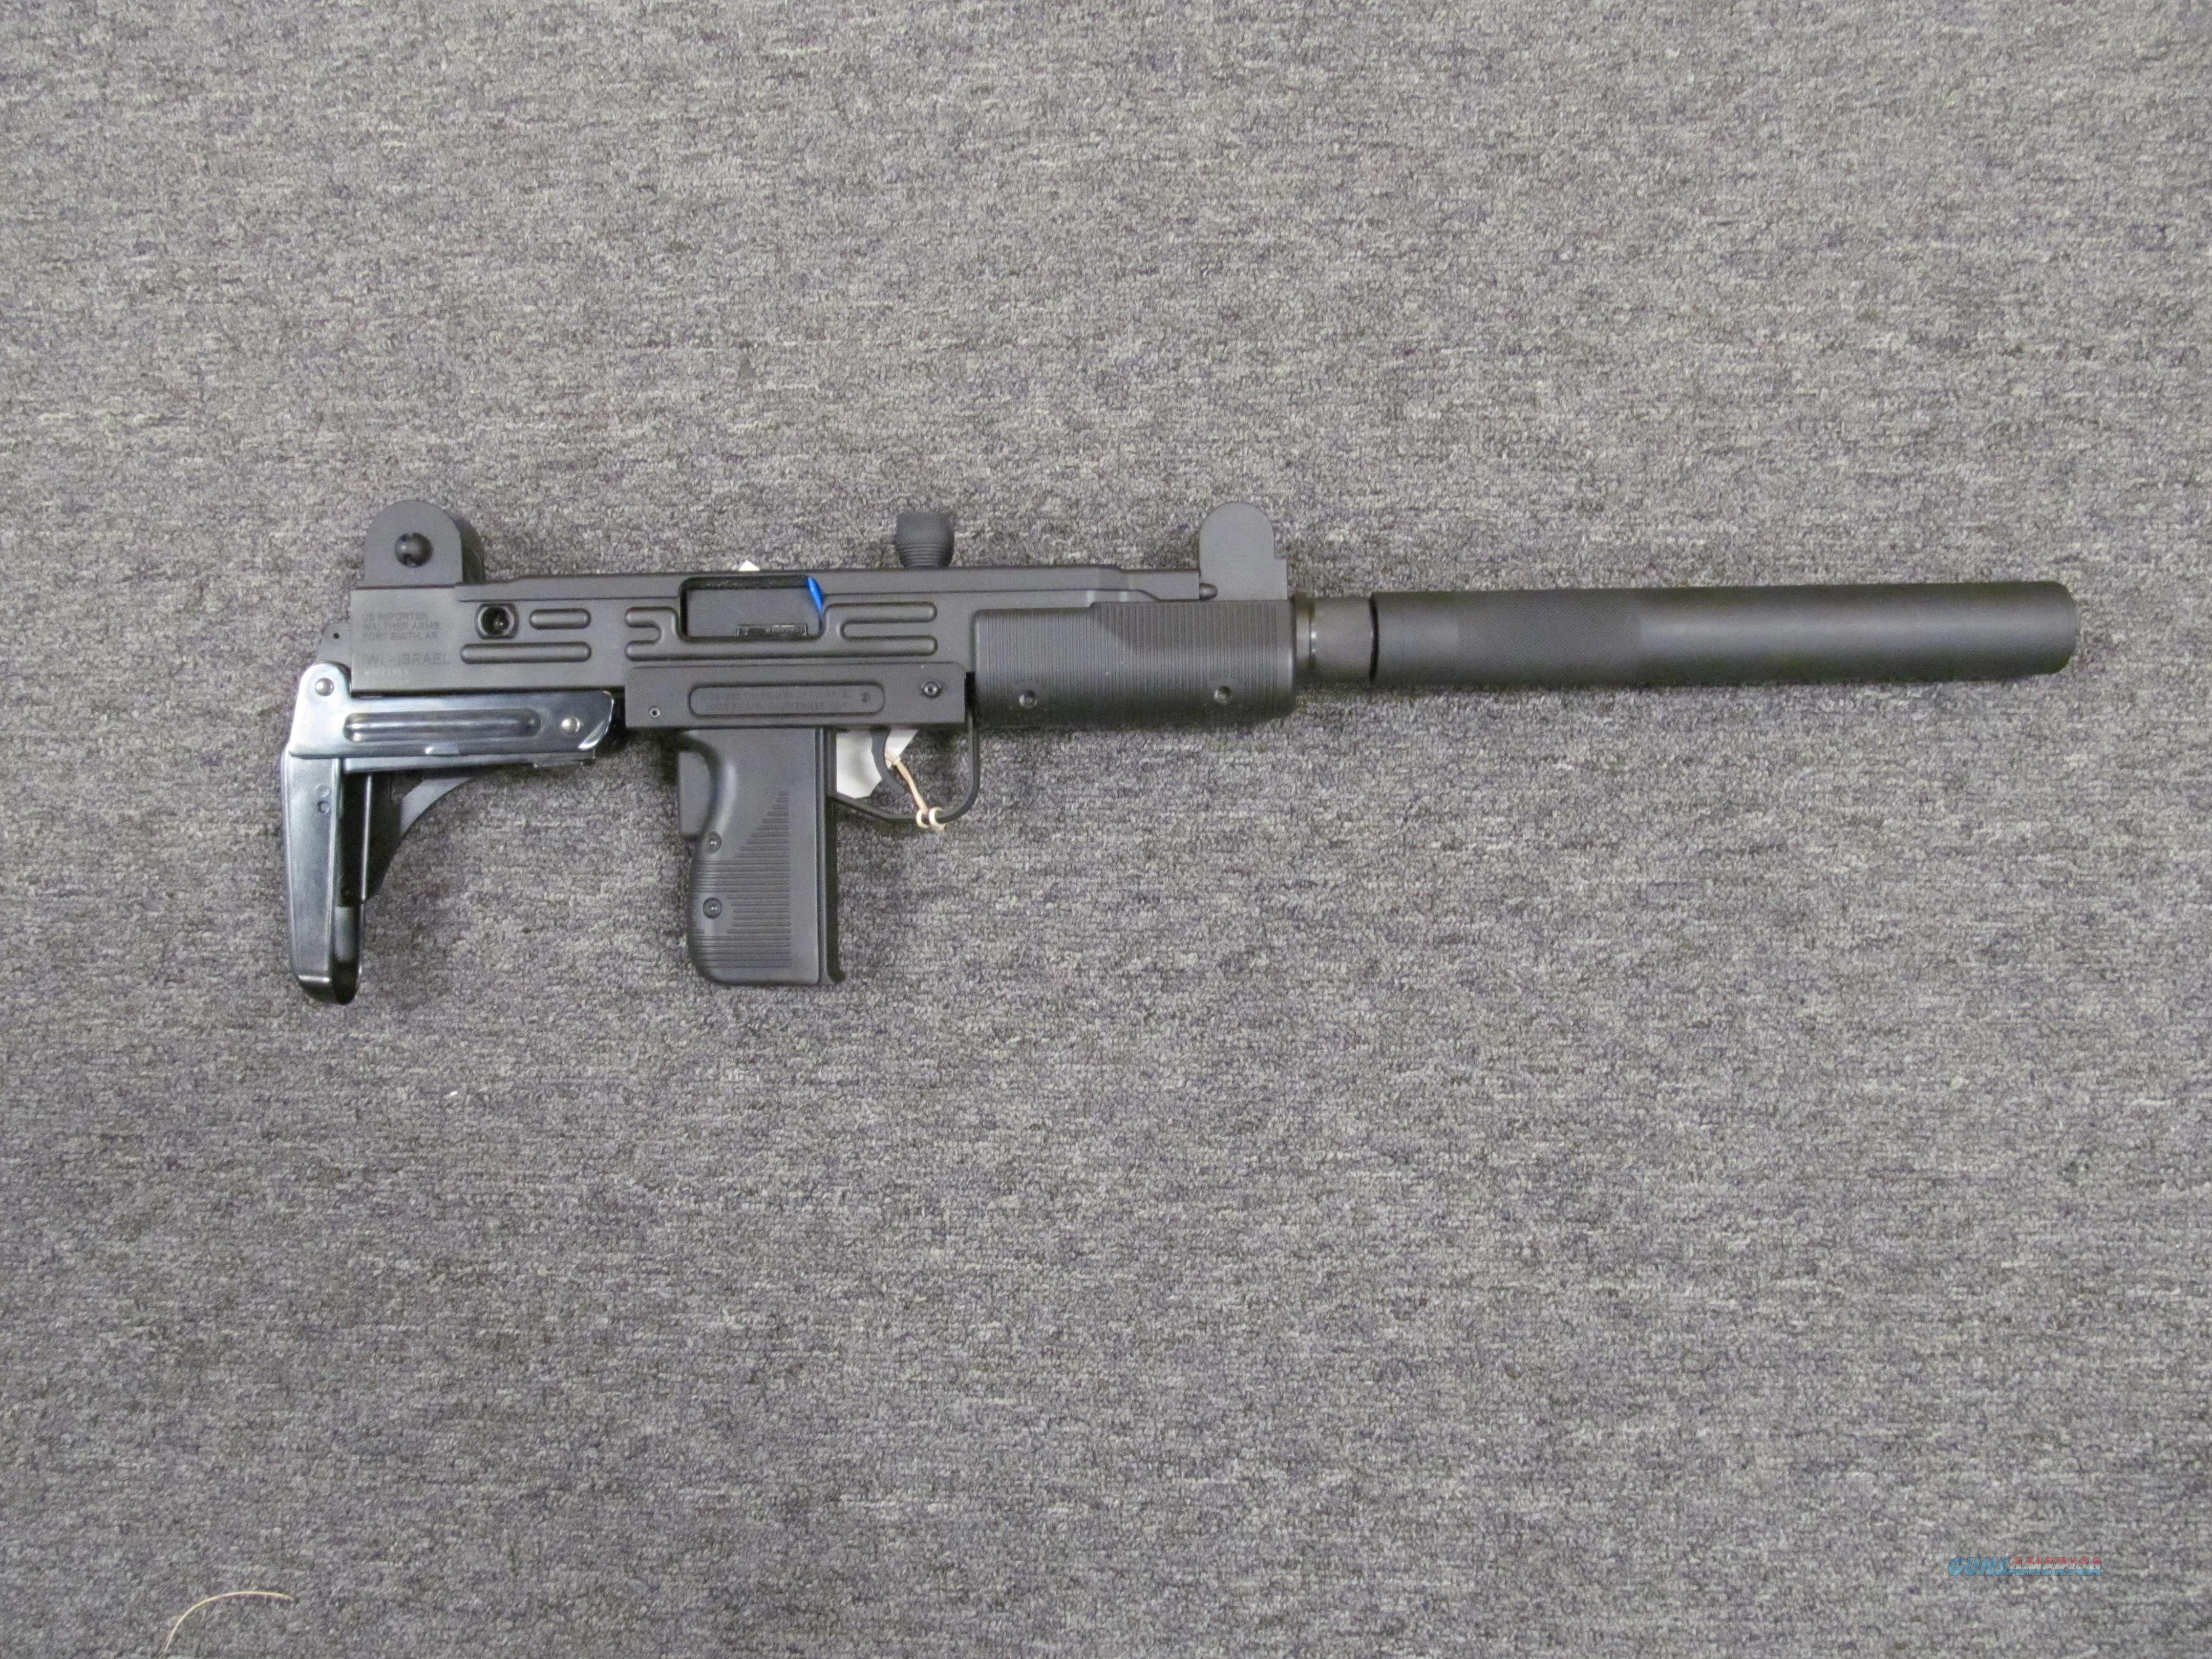 IWI Uzi Rifle